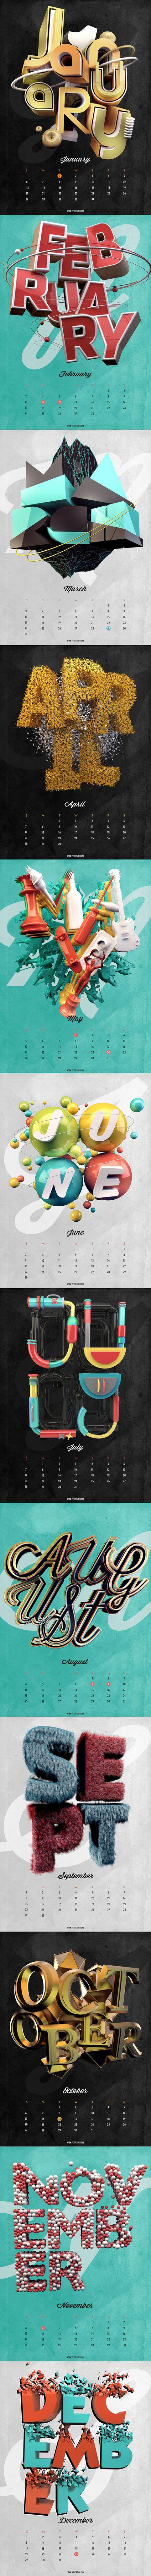 #3D #design #poster Siguenos en Facebook https://www.facebook.com/pages/EXPONLINE/141220162699654